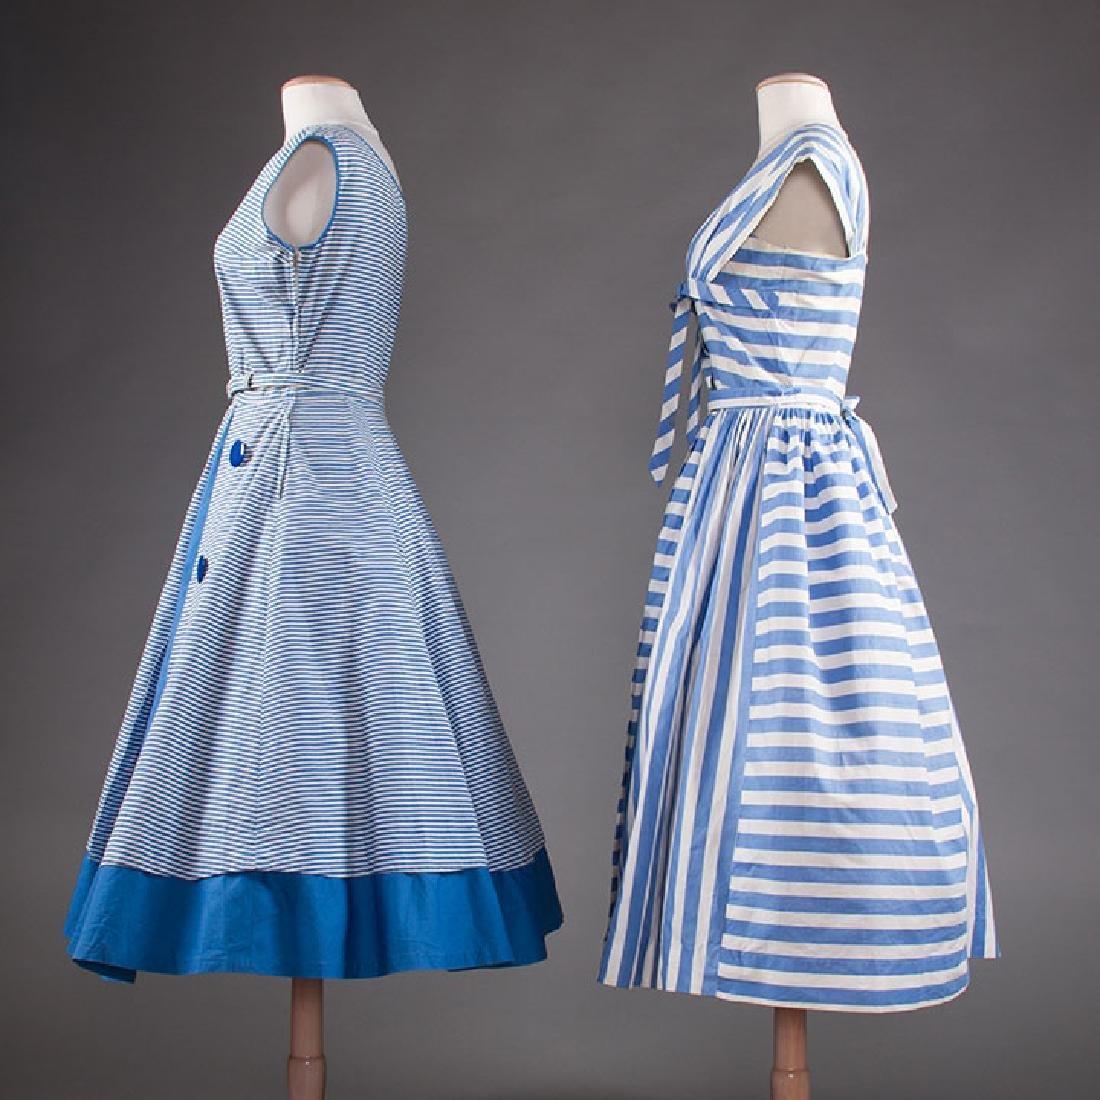 2 BLUE & WHITE COTTON DRESSES, 1950s - 2